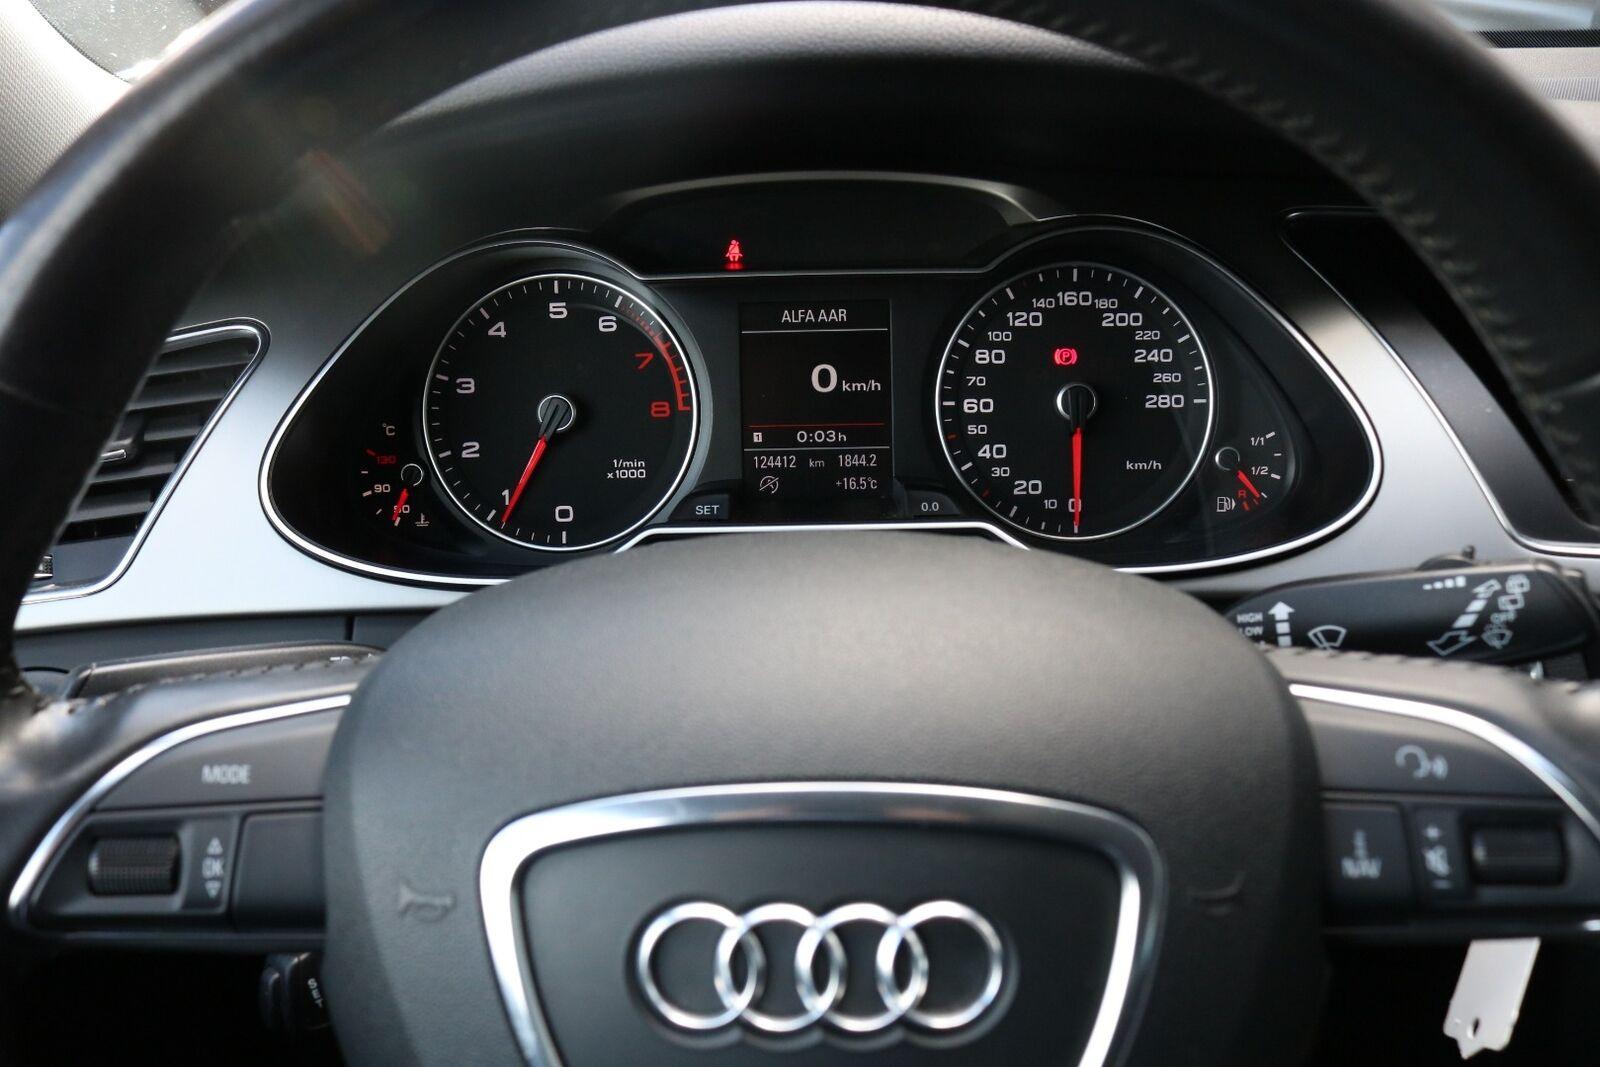 Audi A4 TFSi 170 Avant